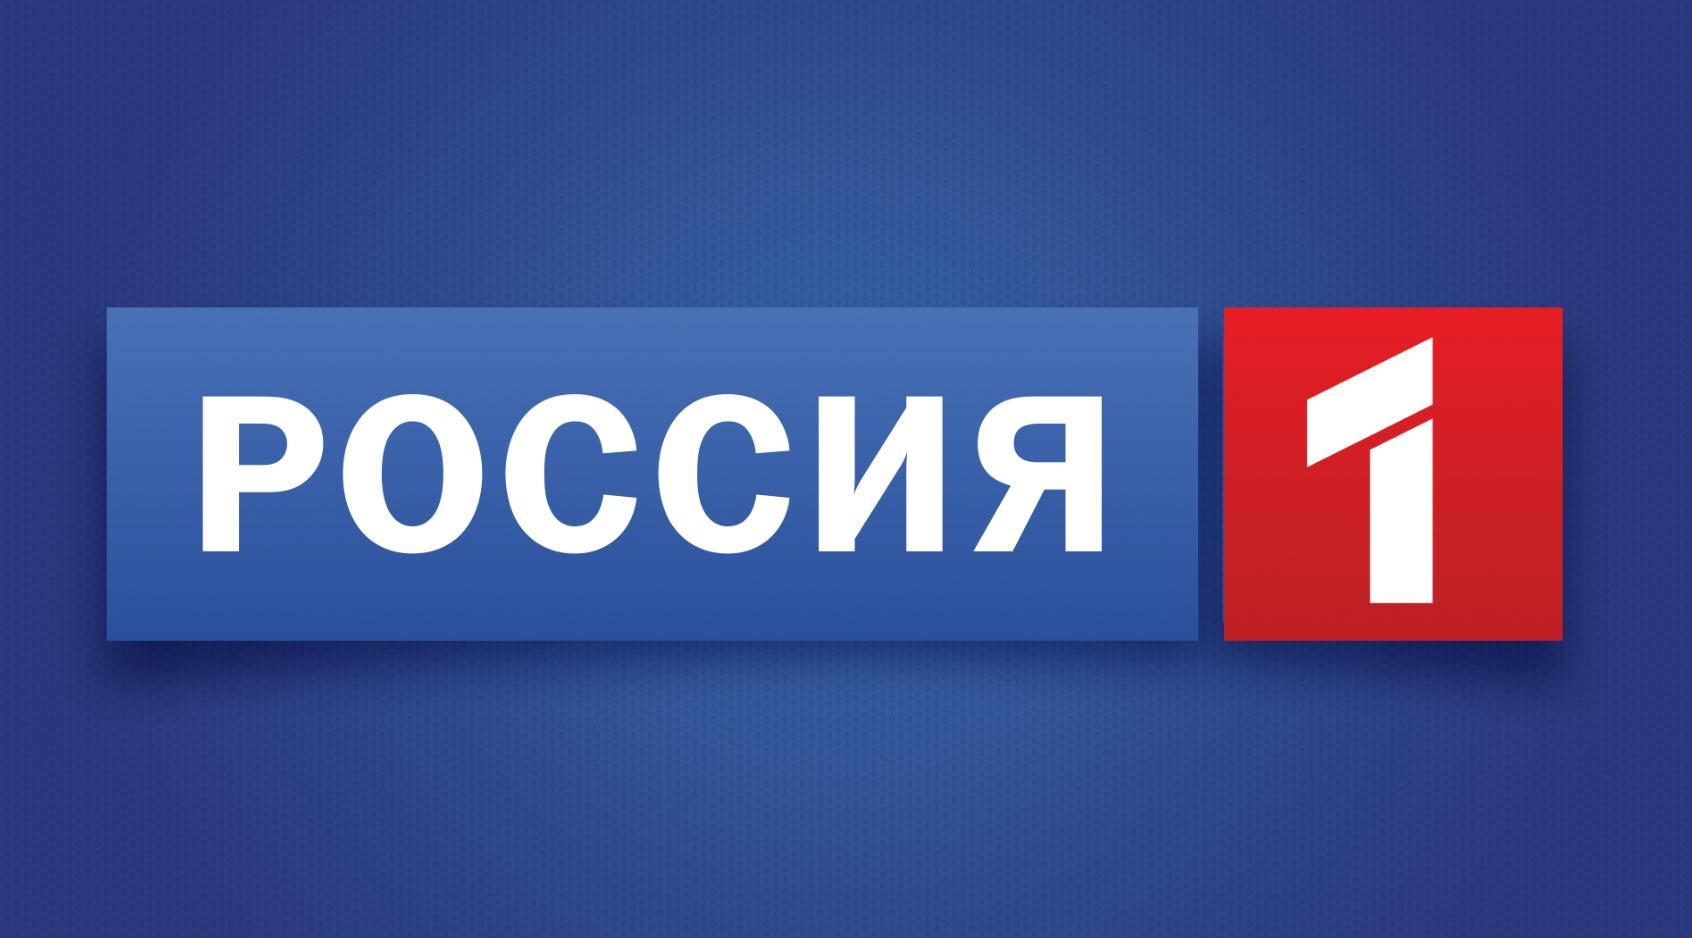 Программа россия 1 иркутск сегодня